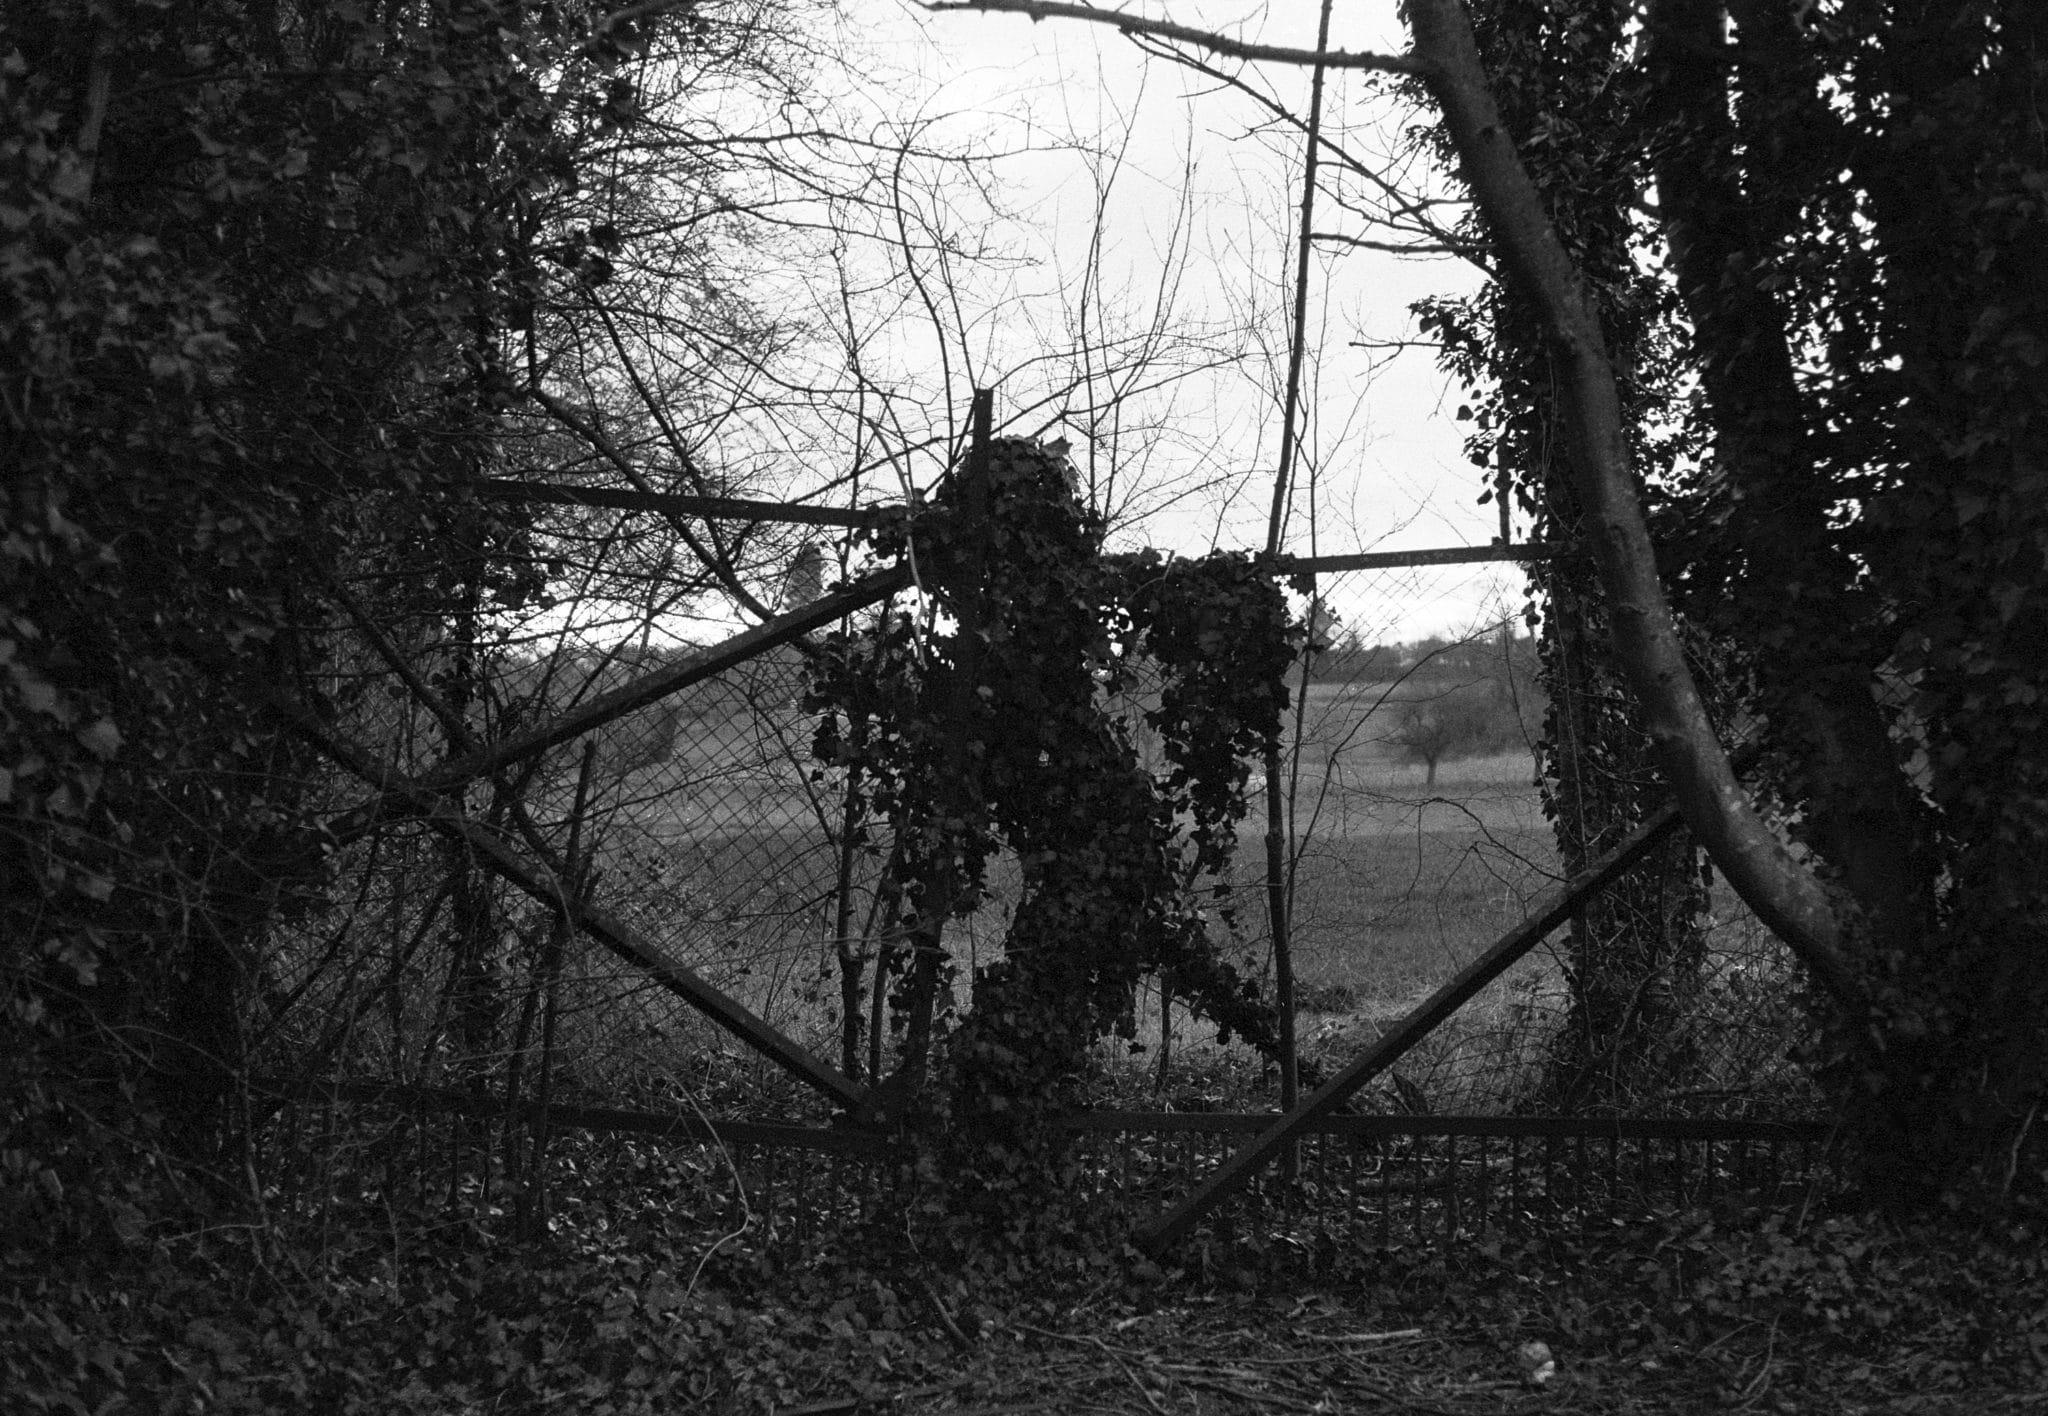 Contre-jours et promenade (kentmere 400 + Leica r4/ Summicron 50mm)